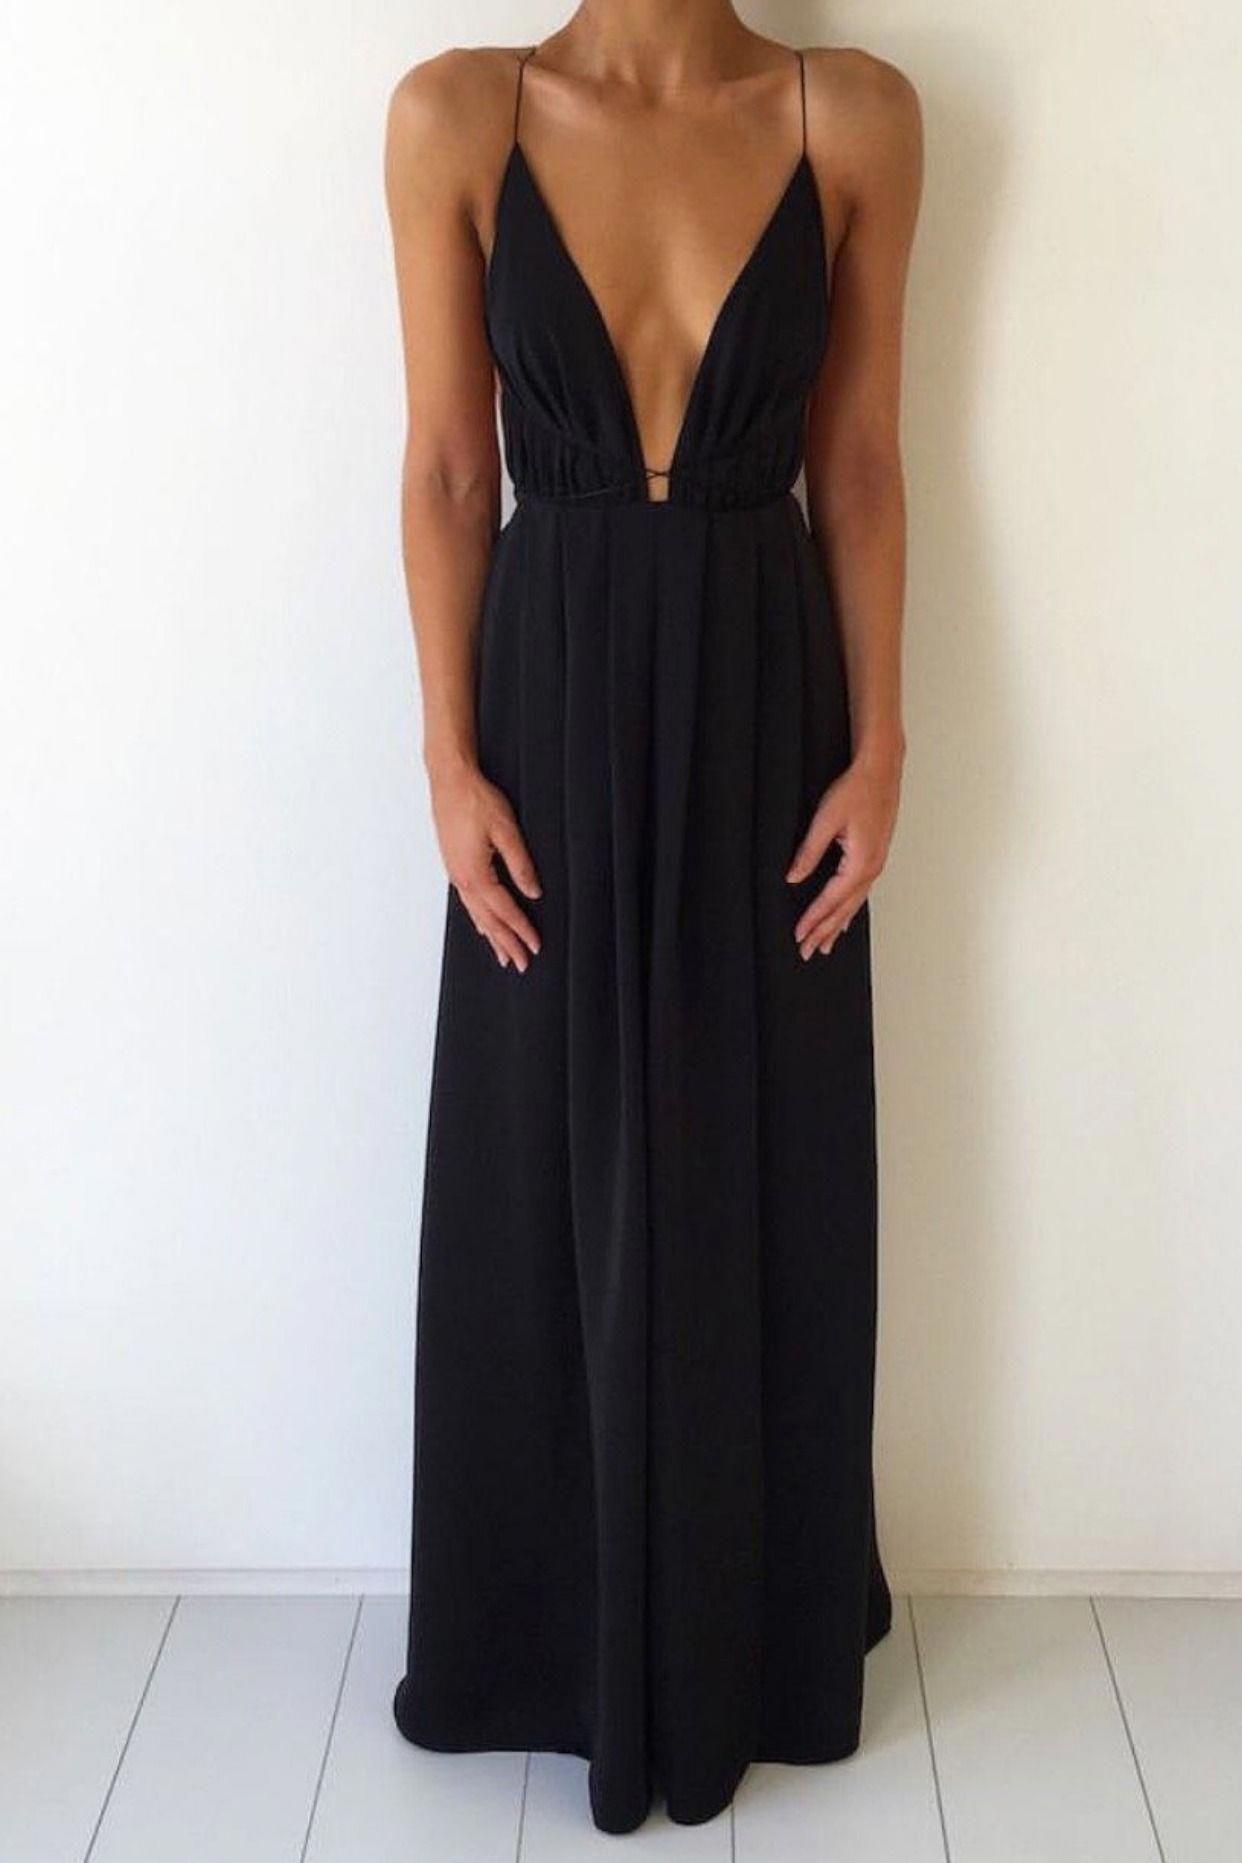 Mermaid V-Neck Sleeveless Backless Black Sequined Prom